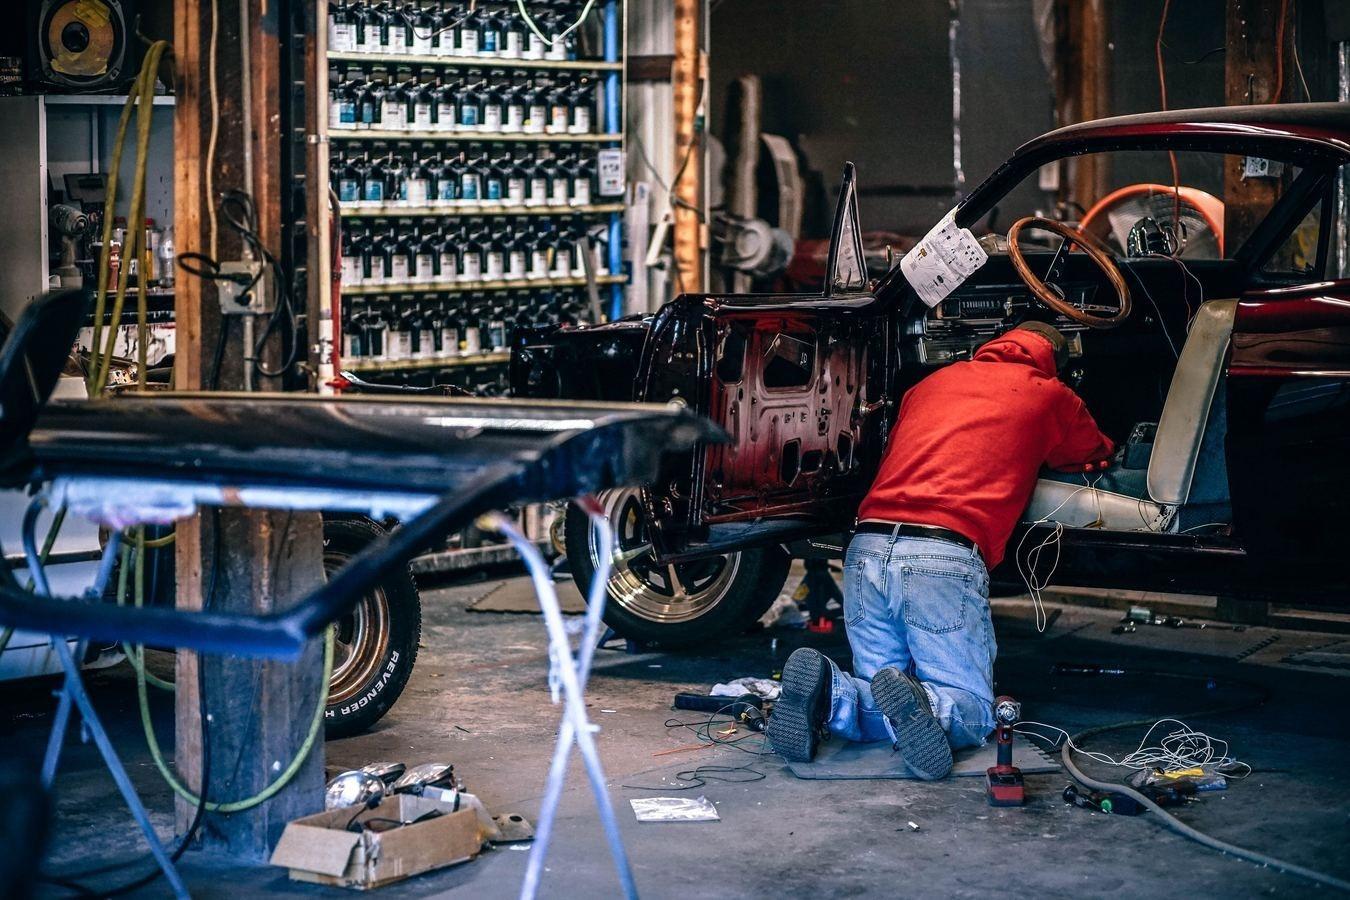 munca-mecanic-masini